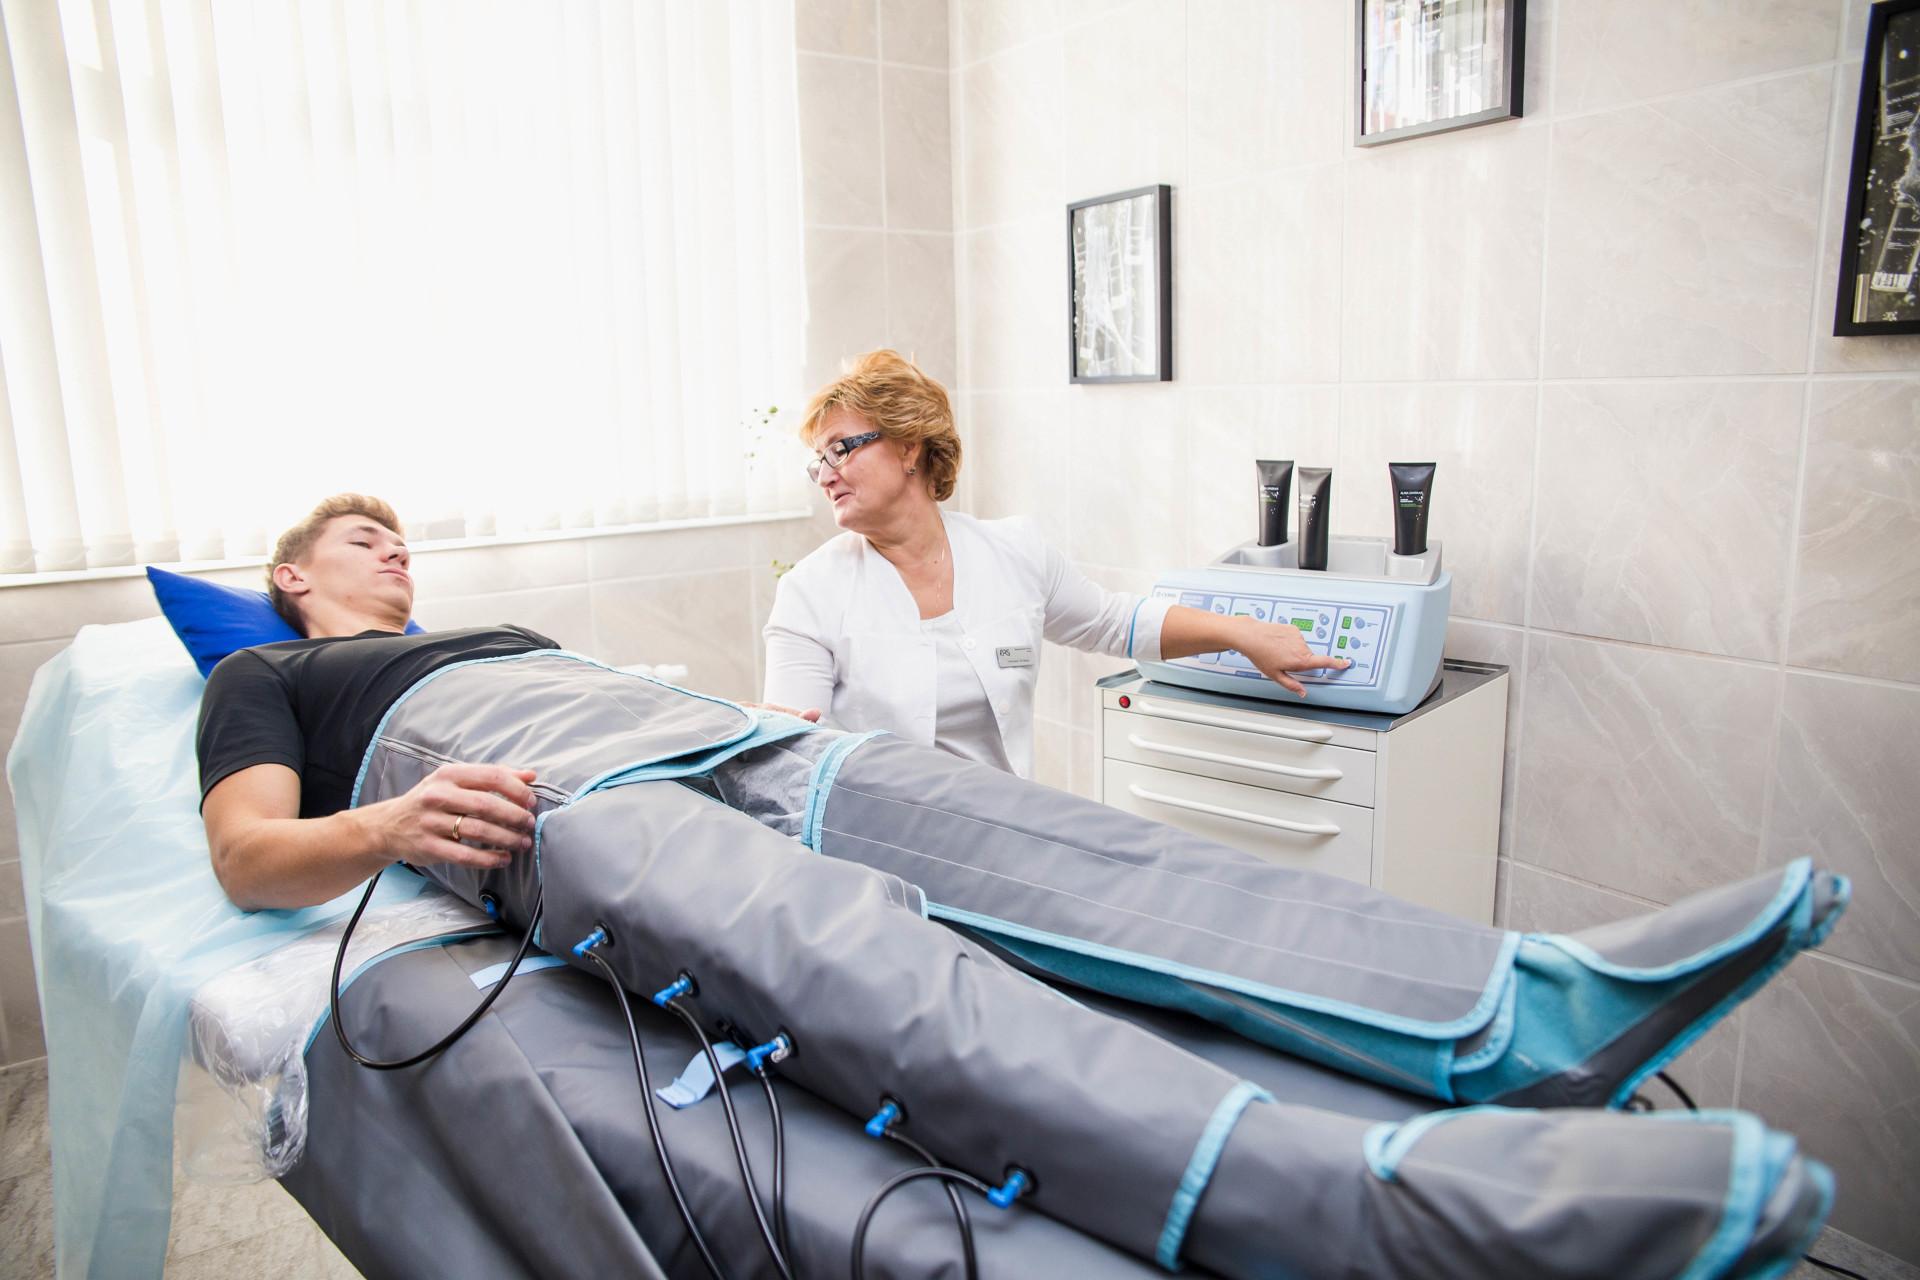 Магнитолазерная терапия: показания и противопоказания, что такое магнитолазеротерапия, расшифровка ФТЛ в медицине, отзывы